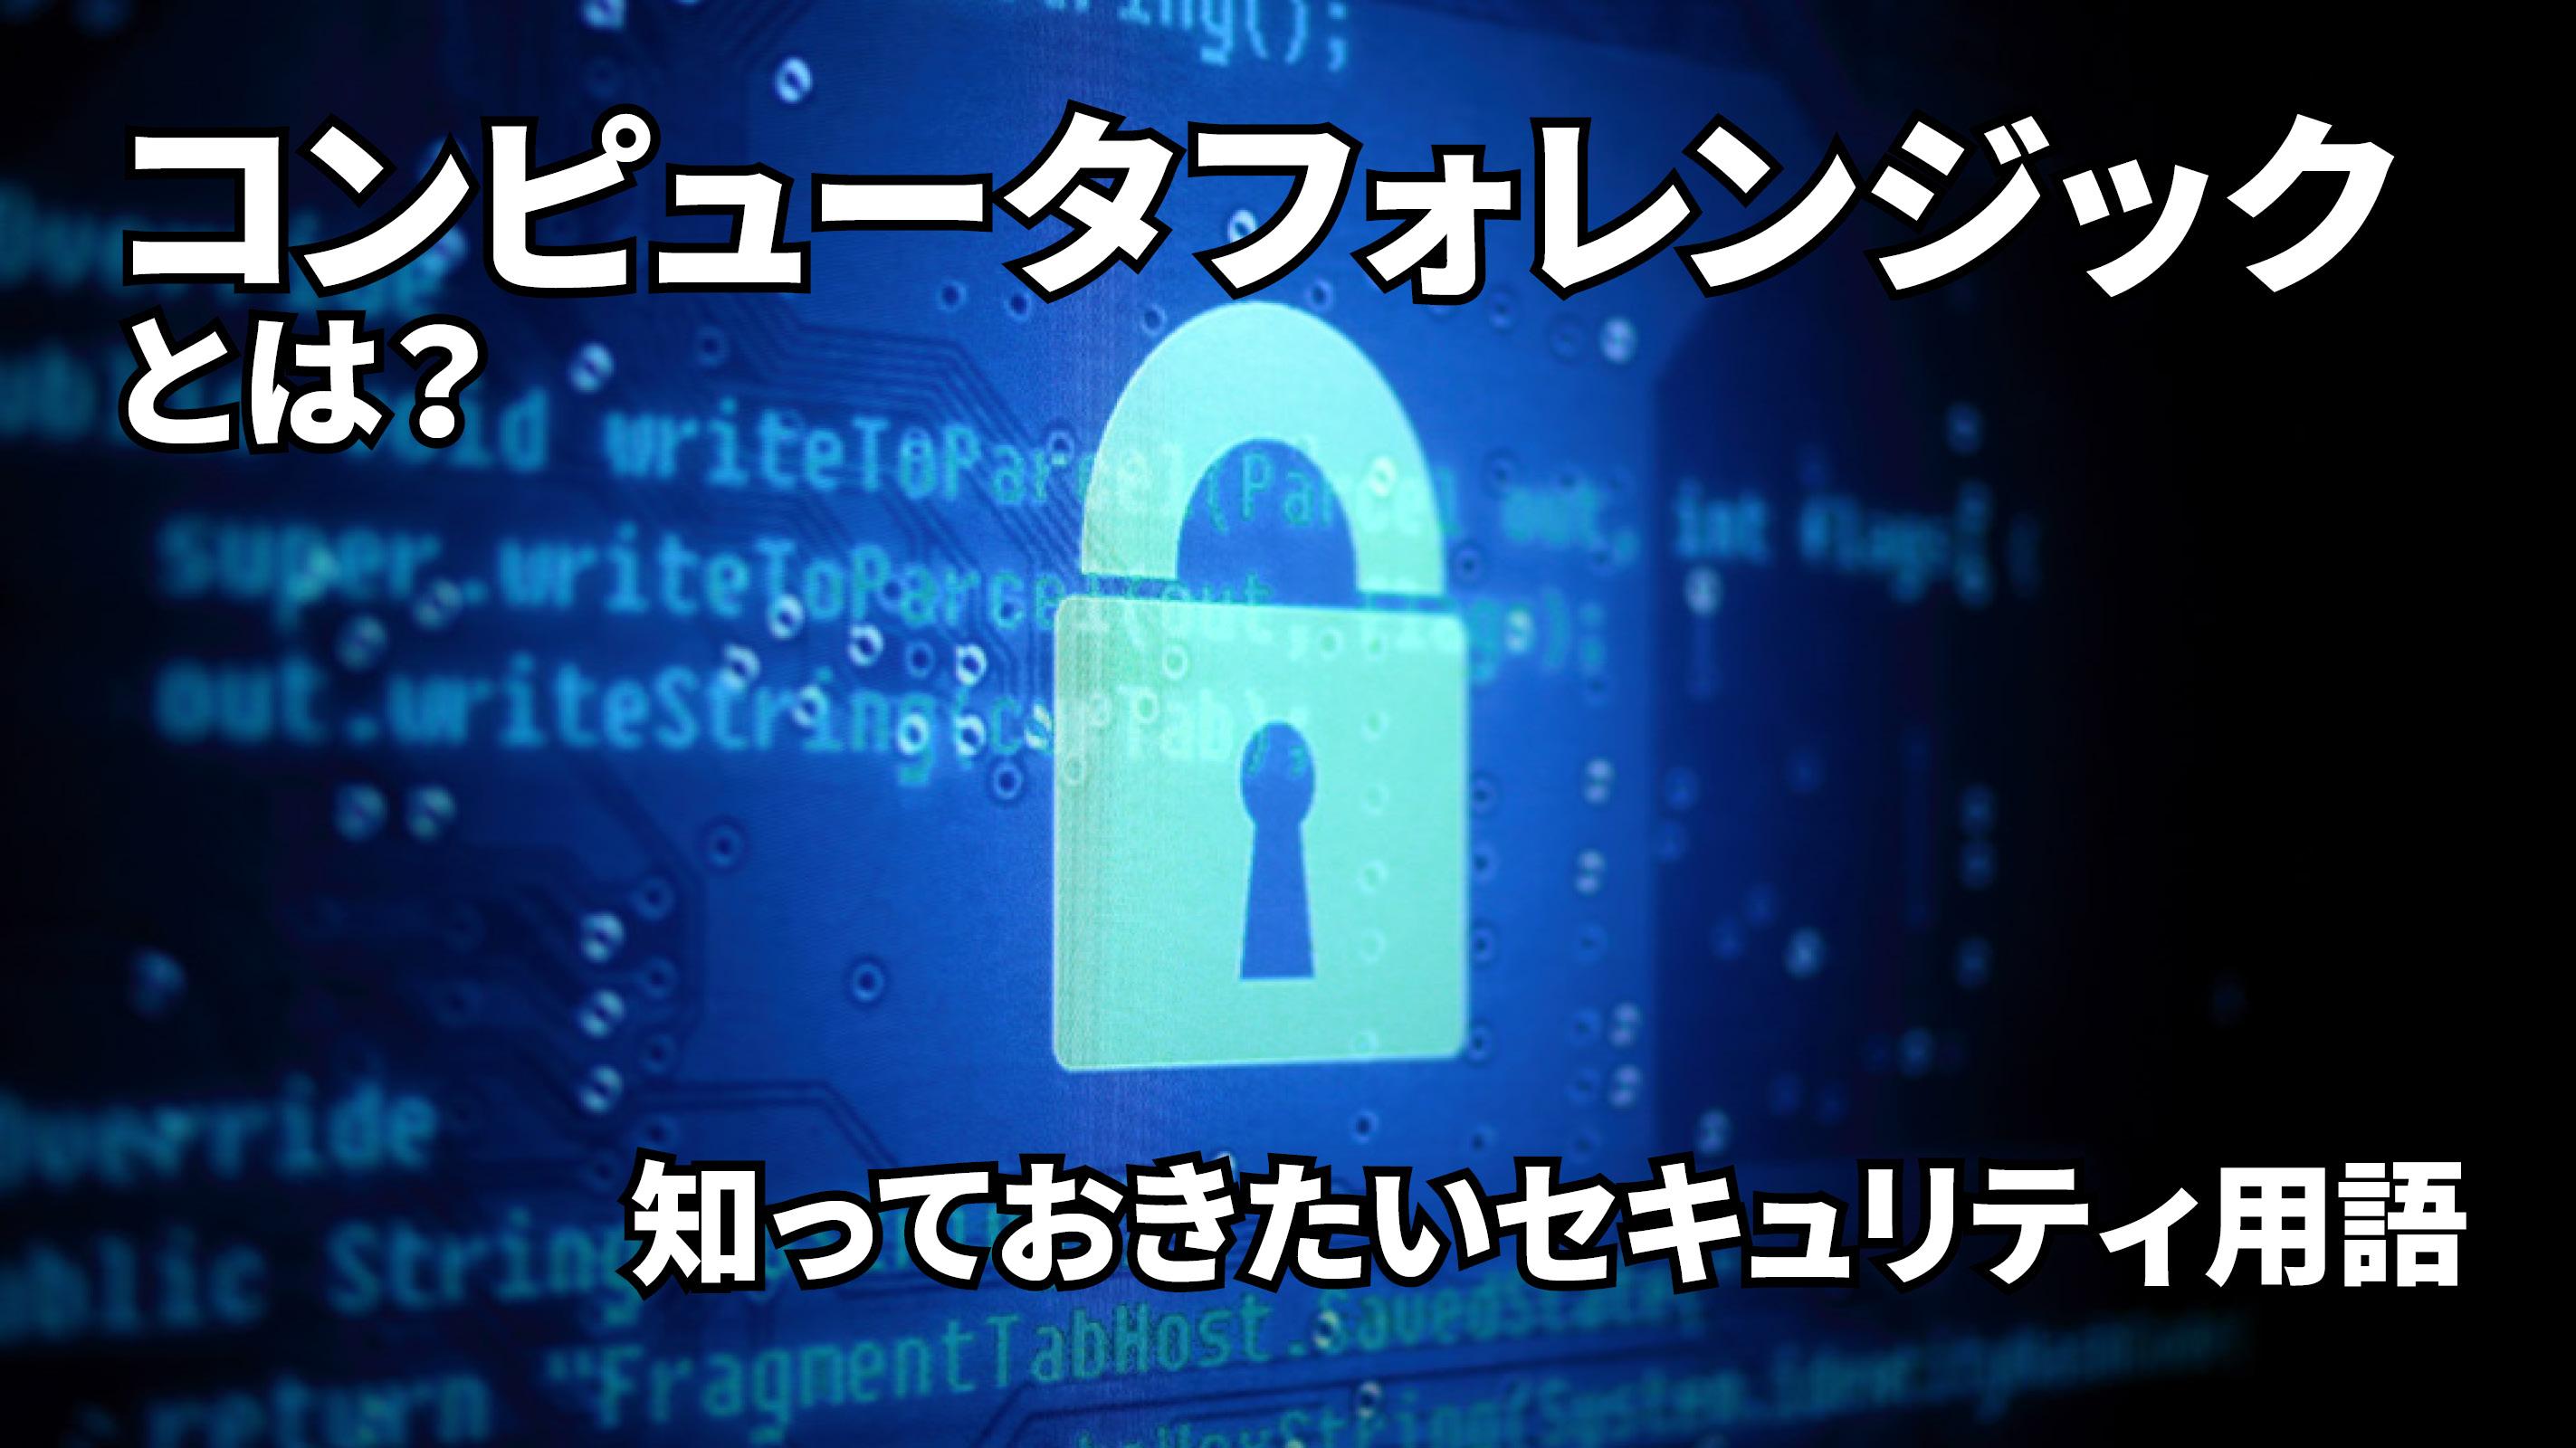 コンピュータフォレンジックとは?:知っておきたいセキュリティ用語